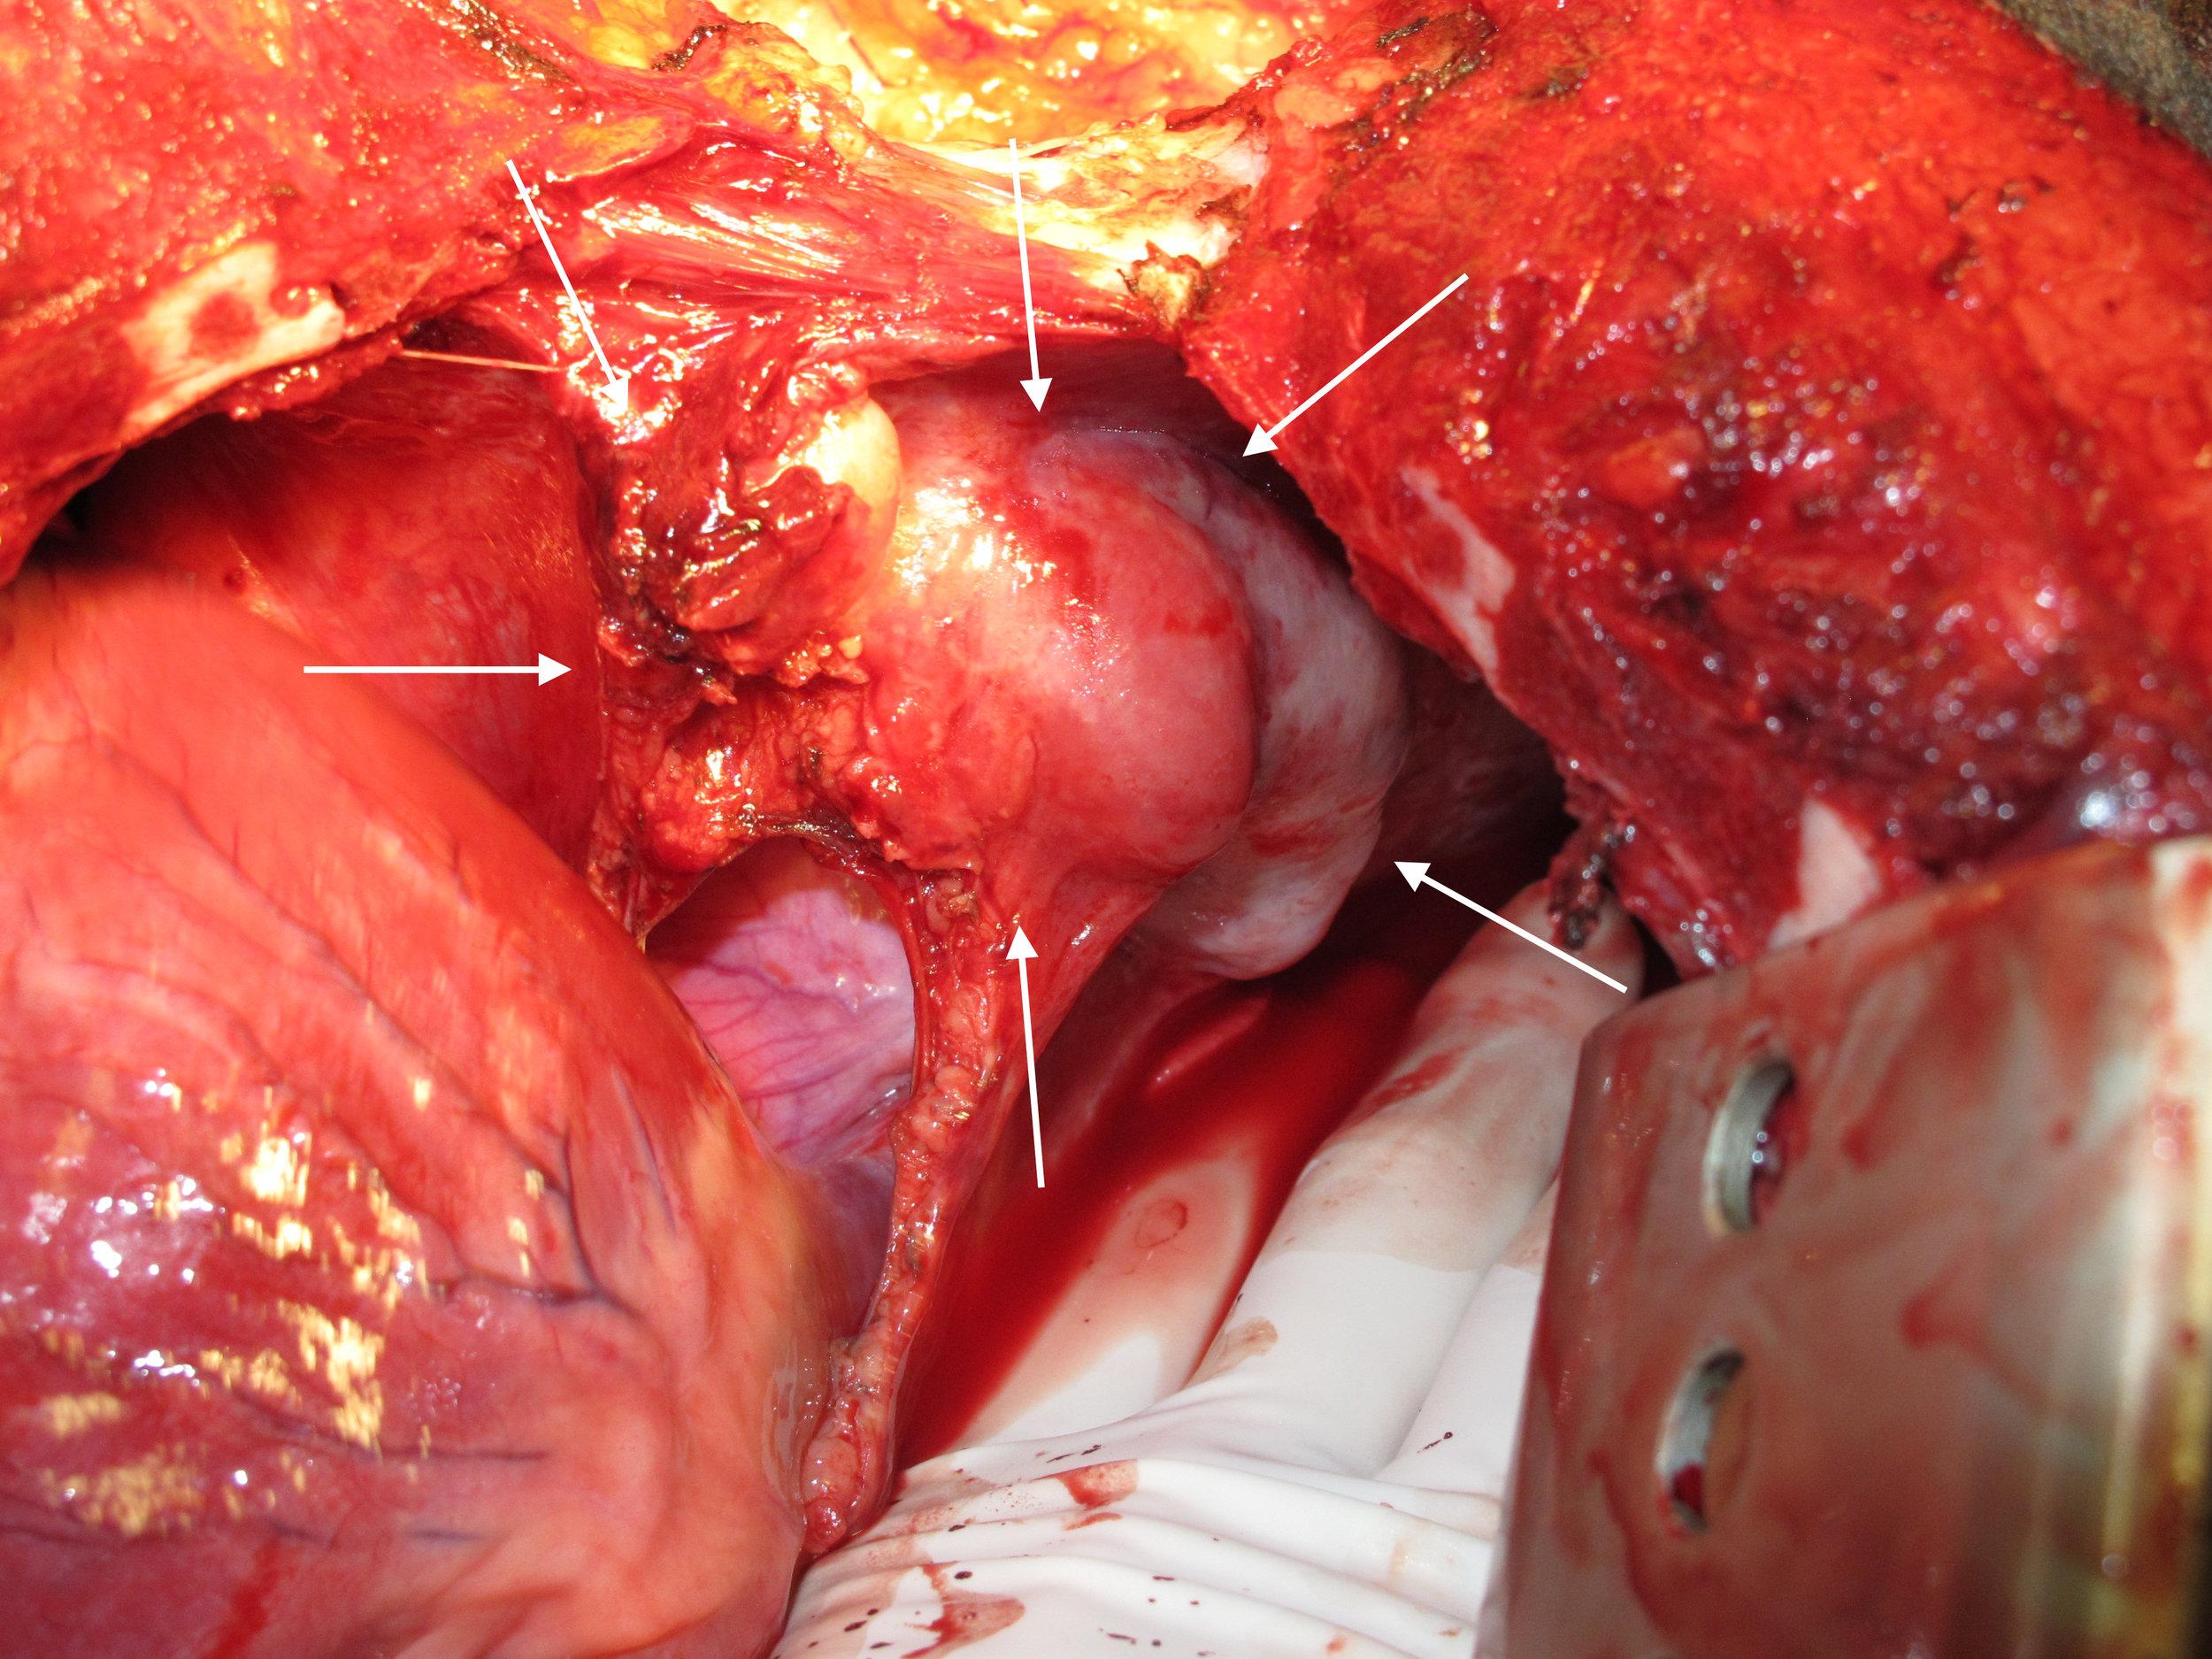 Invasive Thymoma - Diaphragm